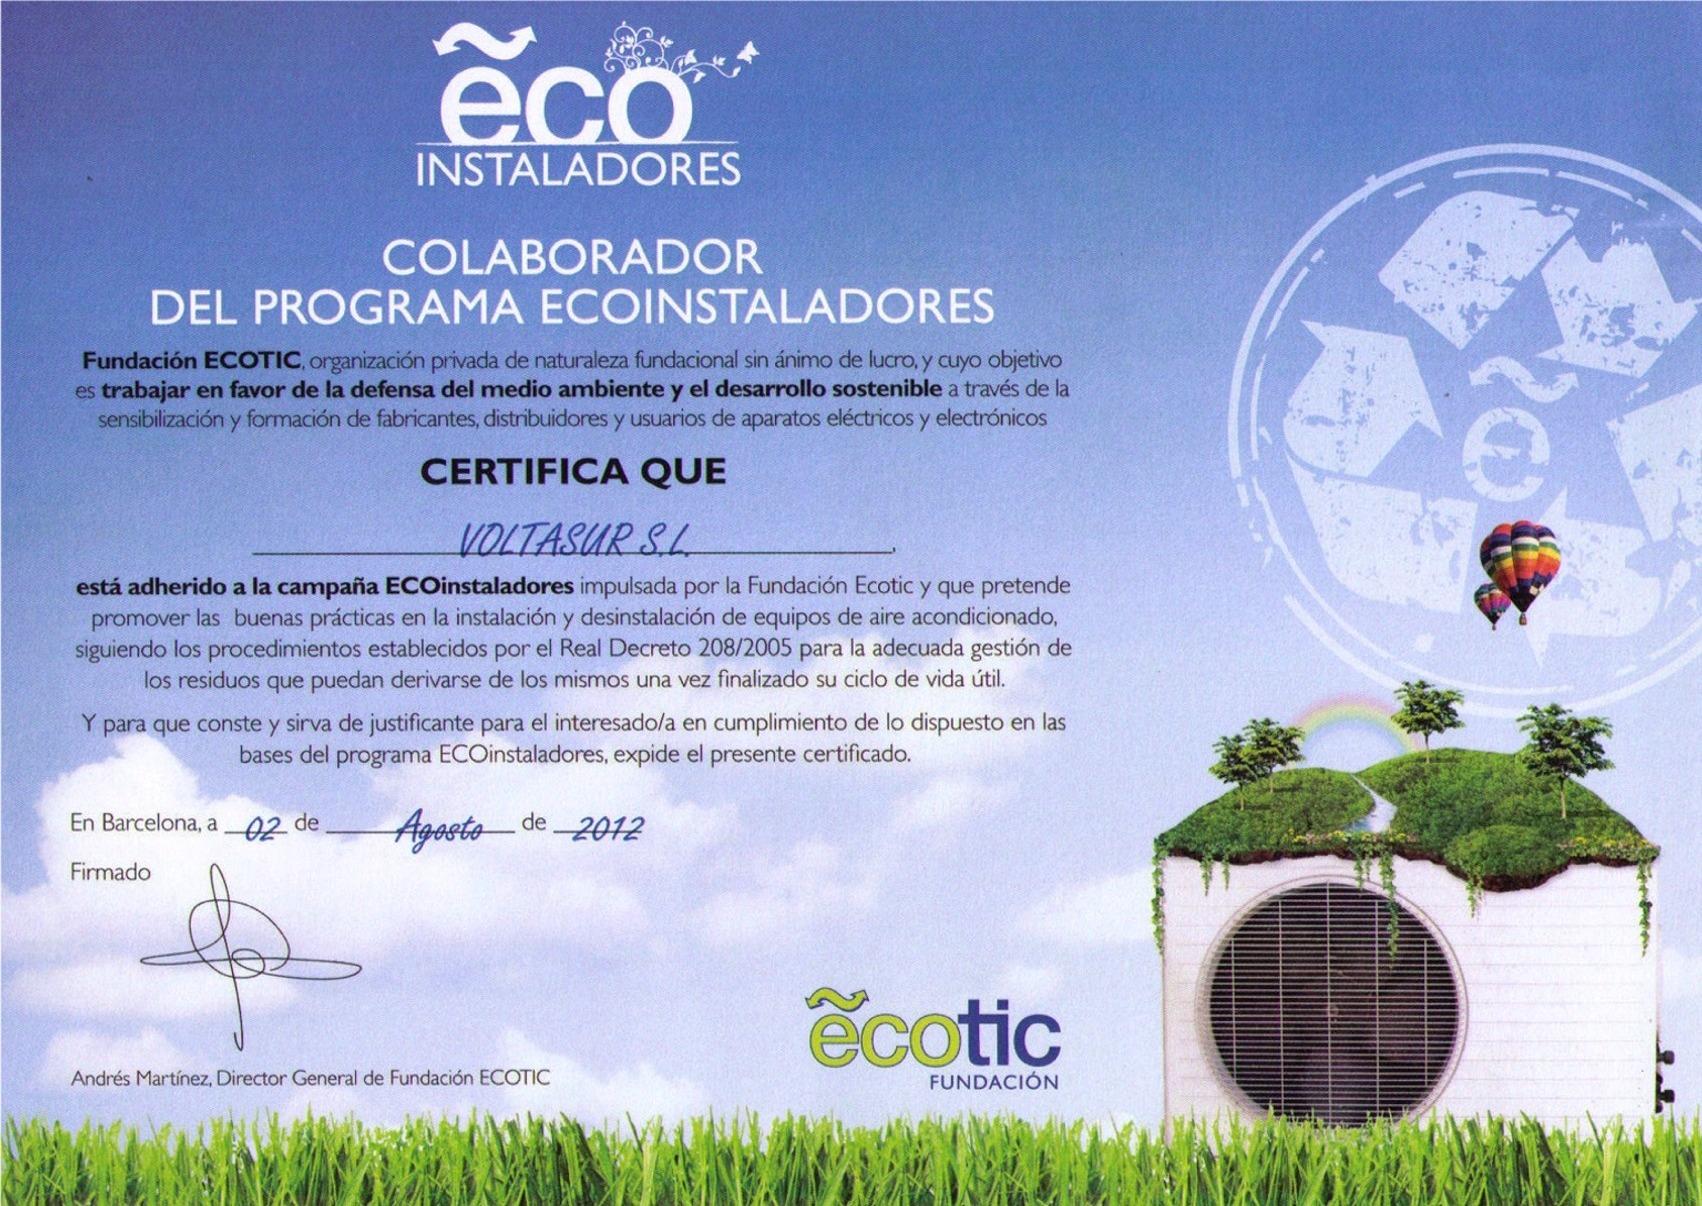 Certificado-ecoinstaldor